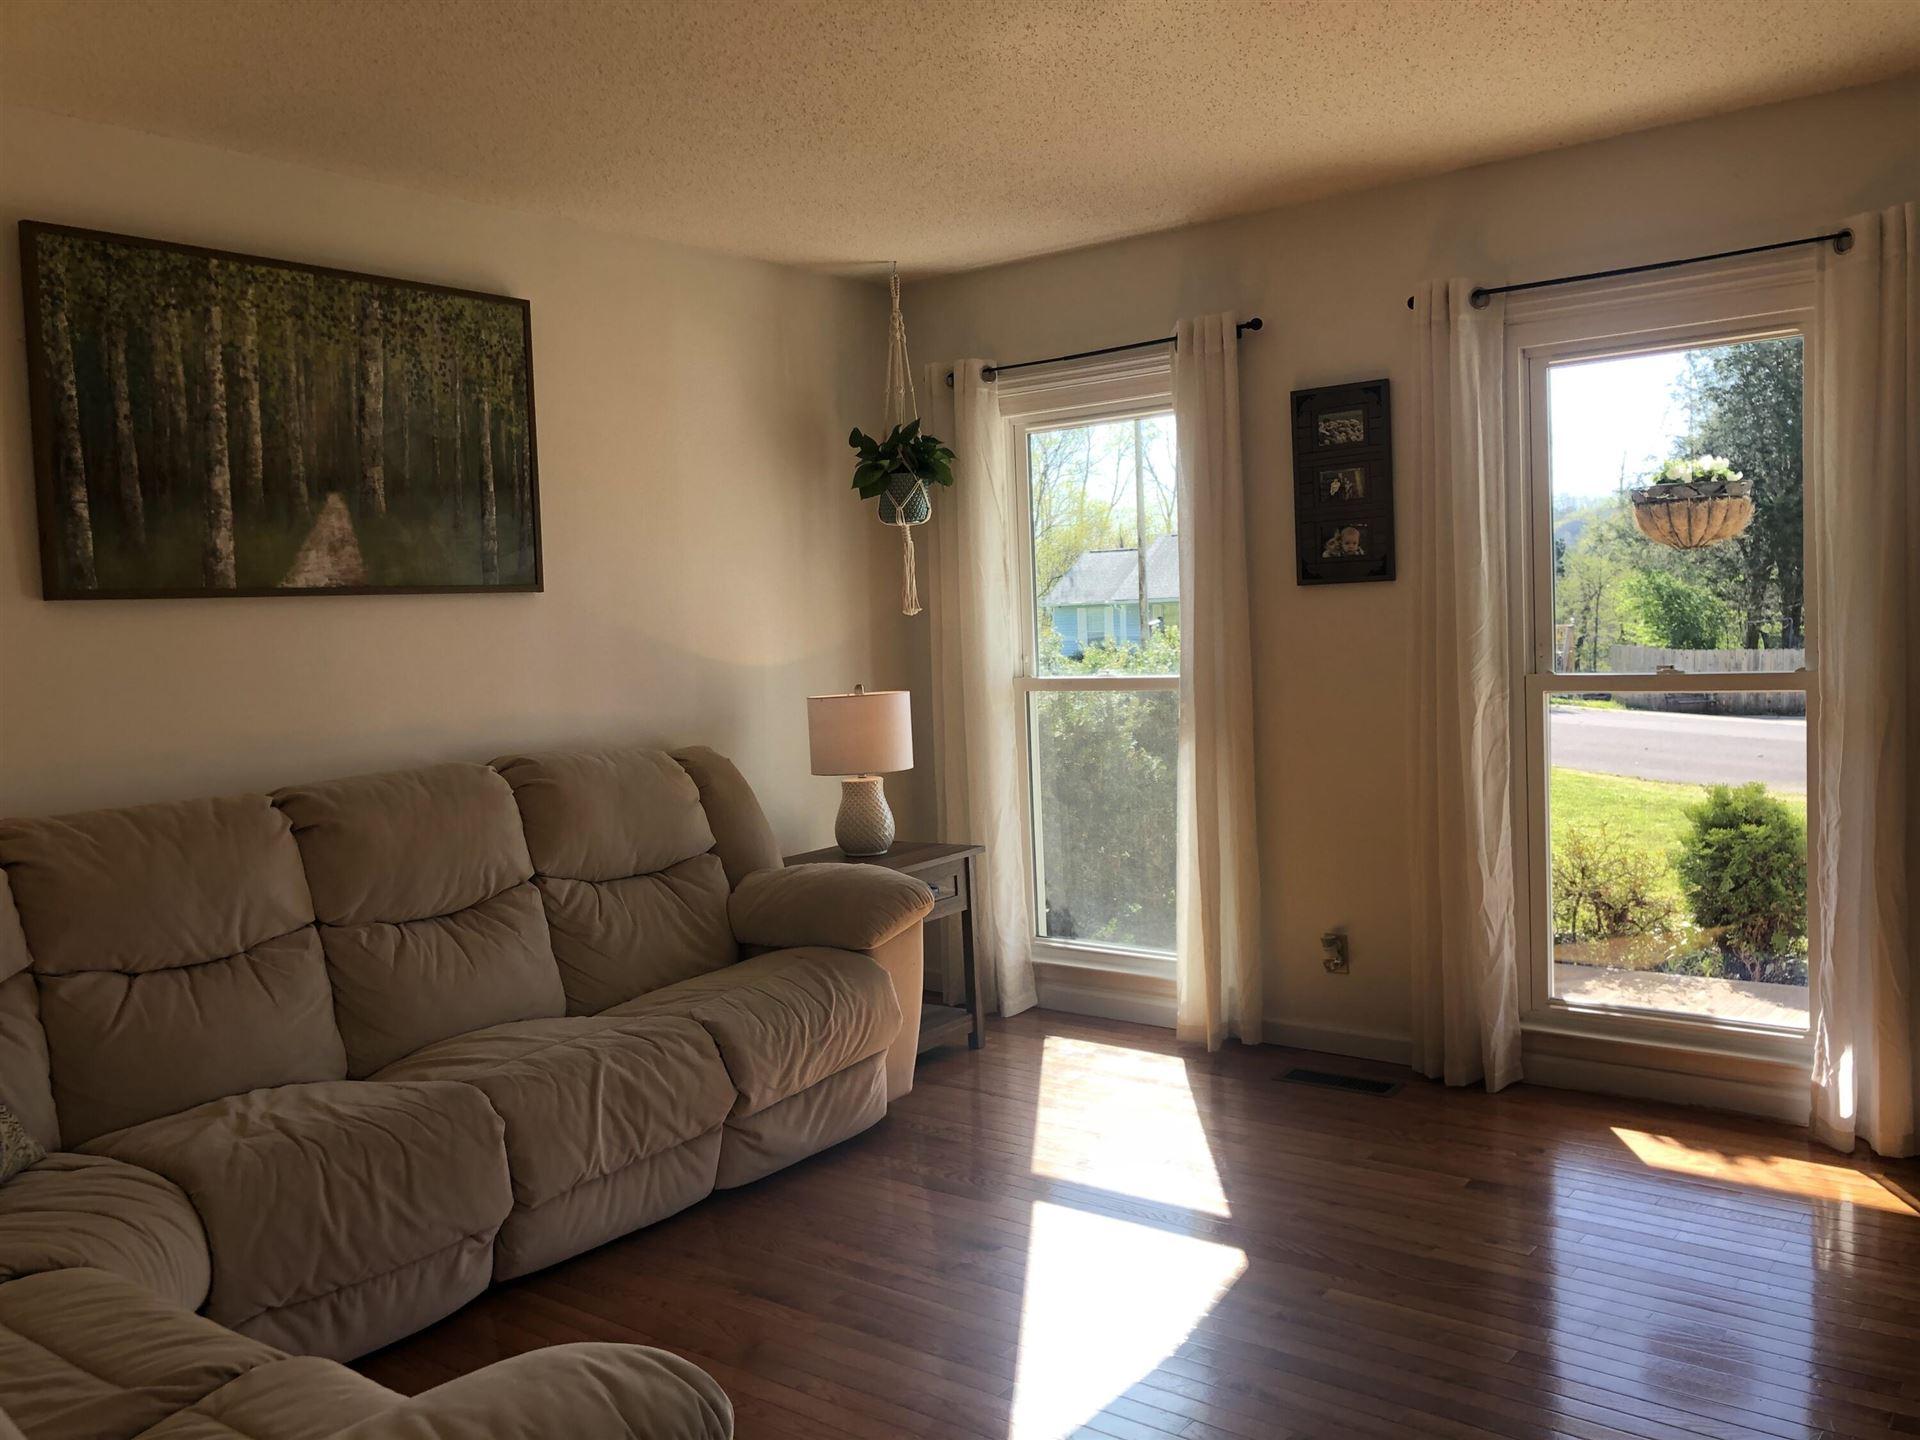 Photo of 109 Tamara Lane, Oak Ridge, TN 37830 (MLS # 1147998)